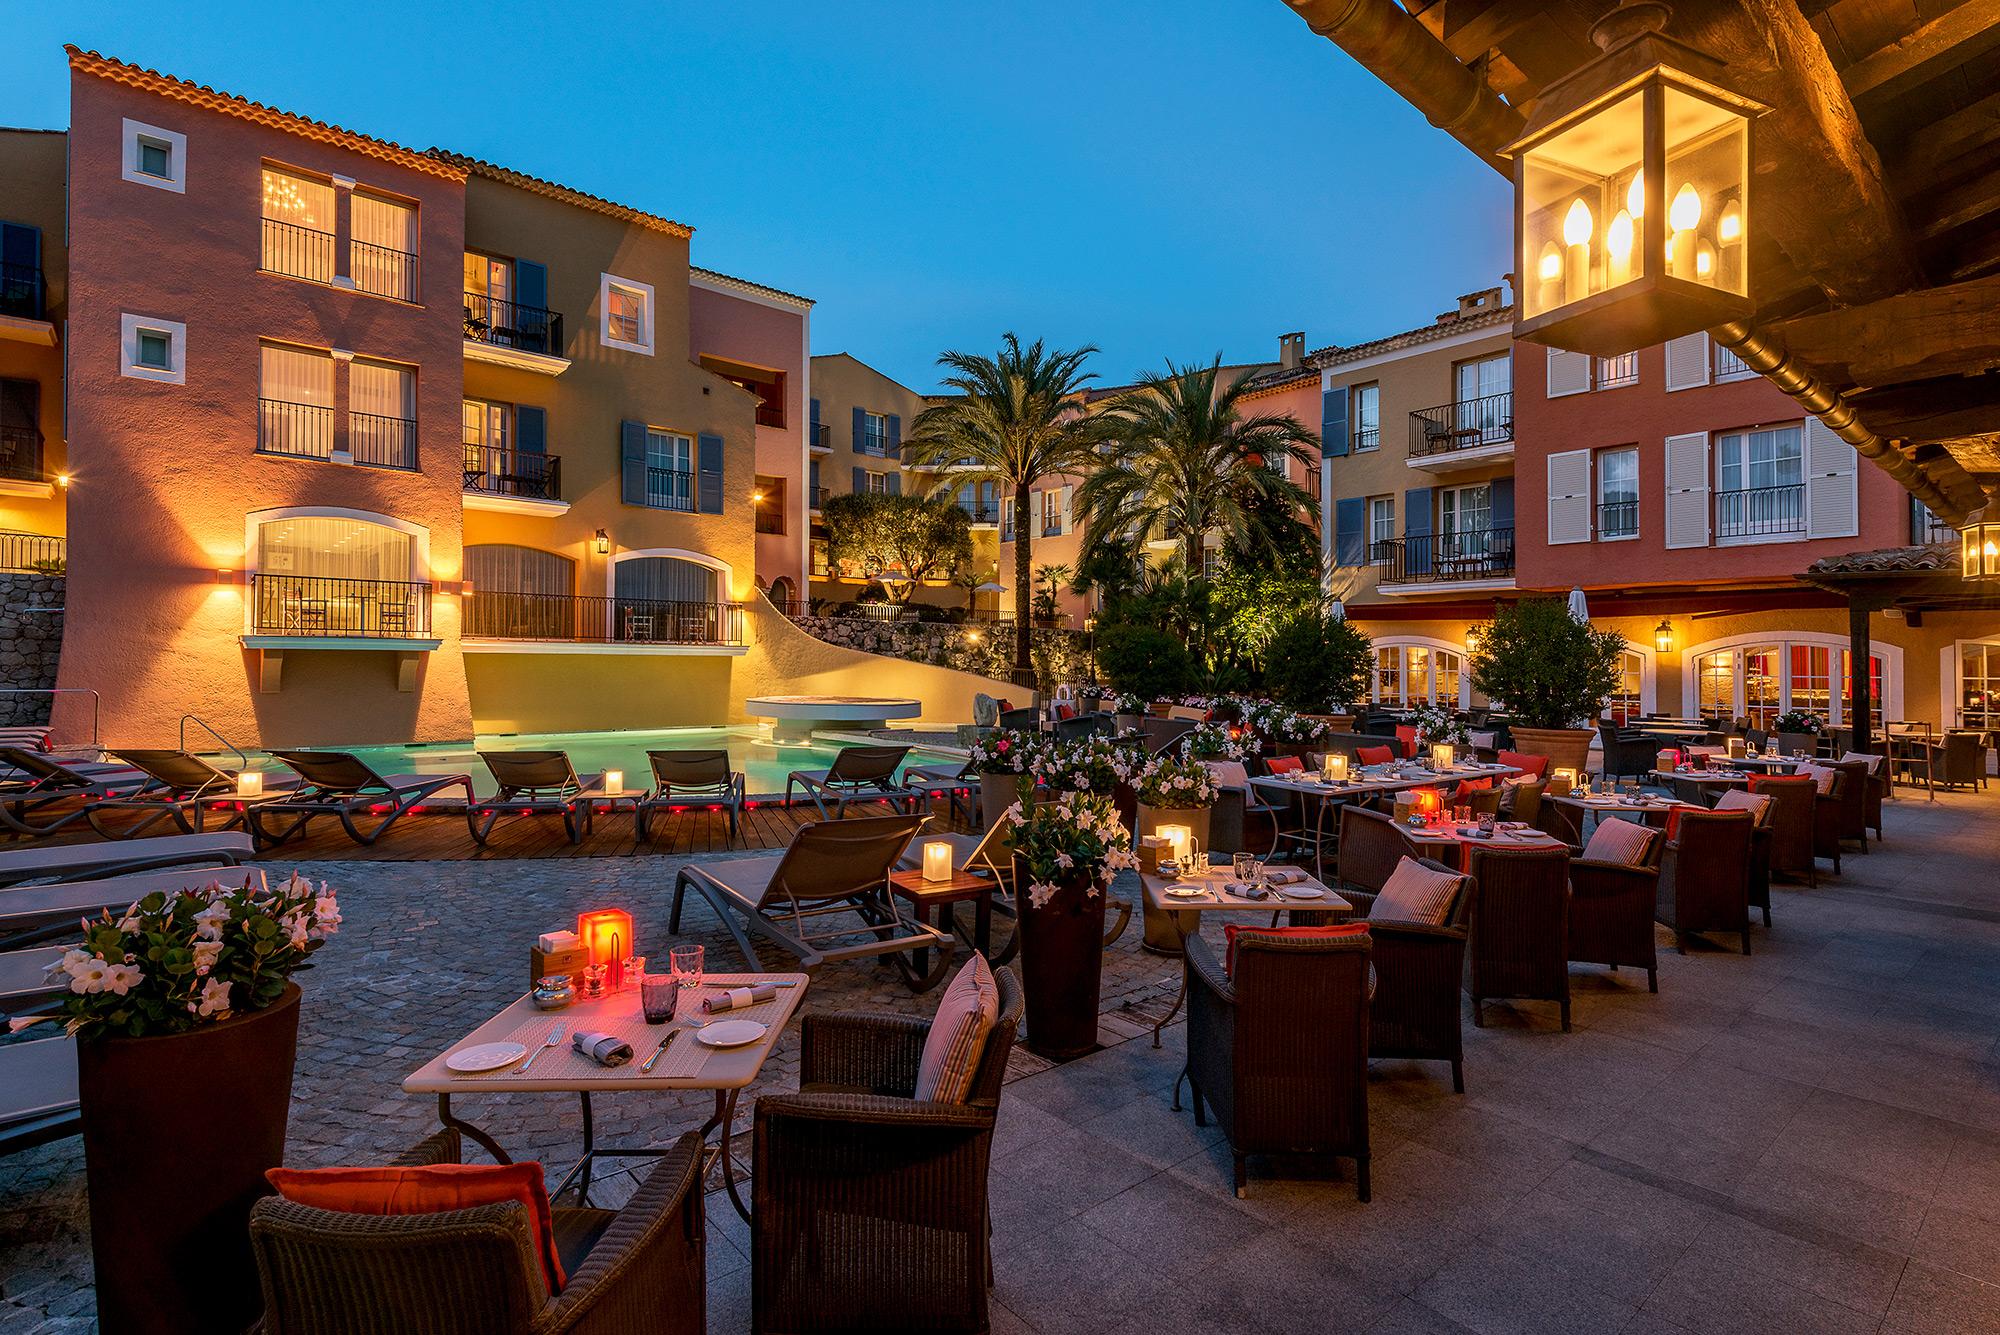 Hotel-Palace-Byblos-Saint-Tropez-France